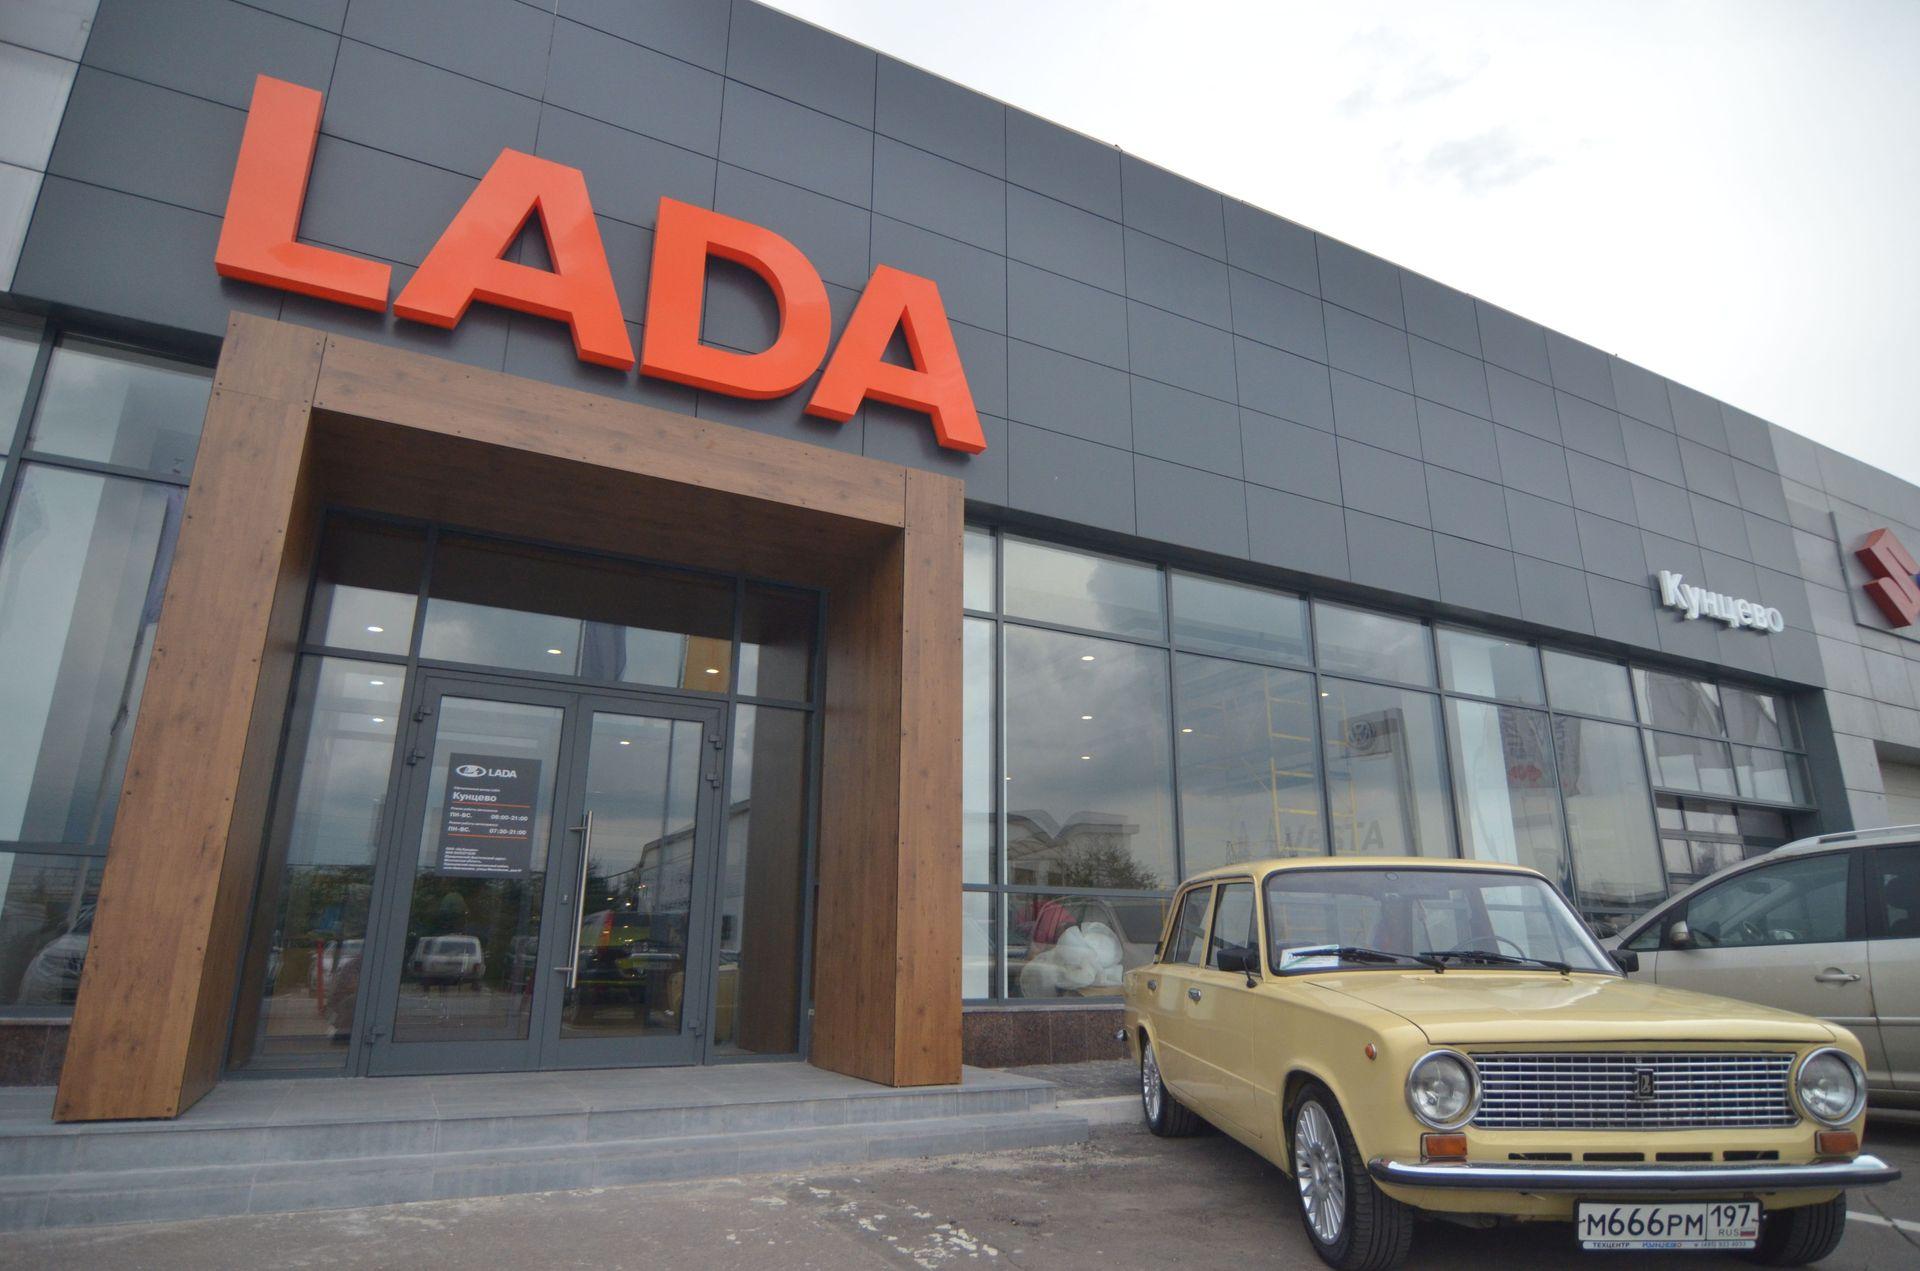 Портал LADA из HPL-материала в соответствии с новым оформлением бренда LADA